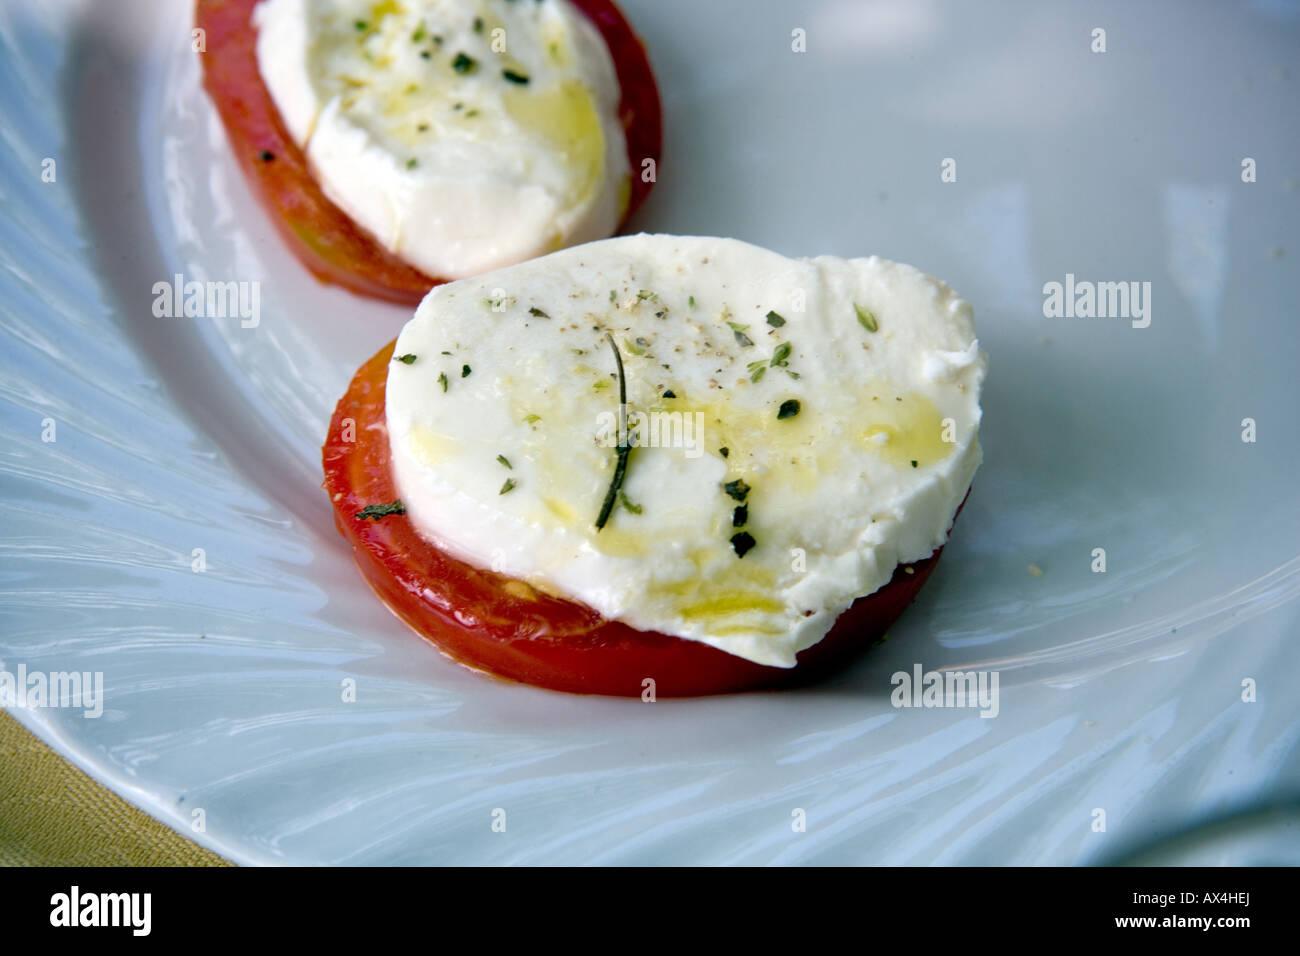 La mozzarella et les tomates sur une plaque Photo Stock